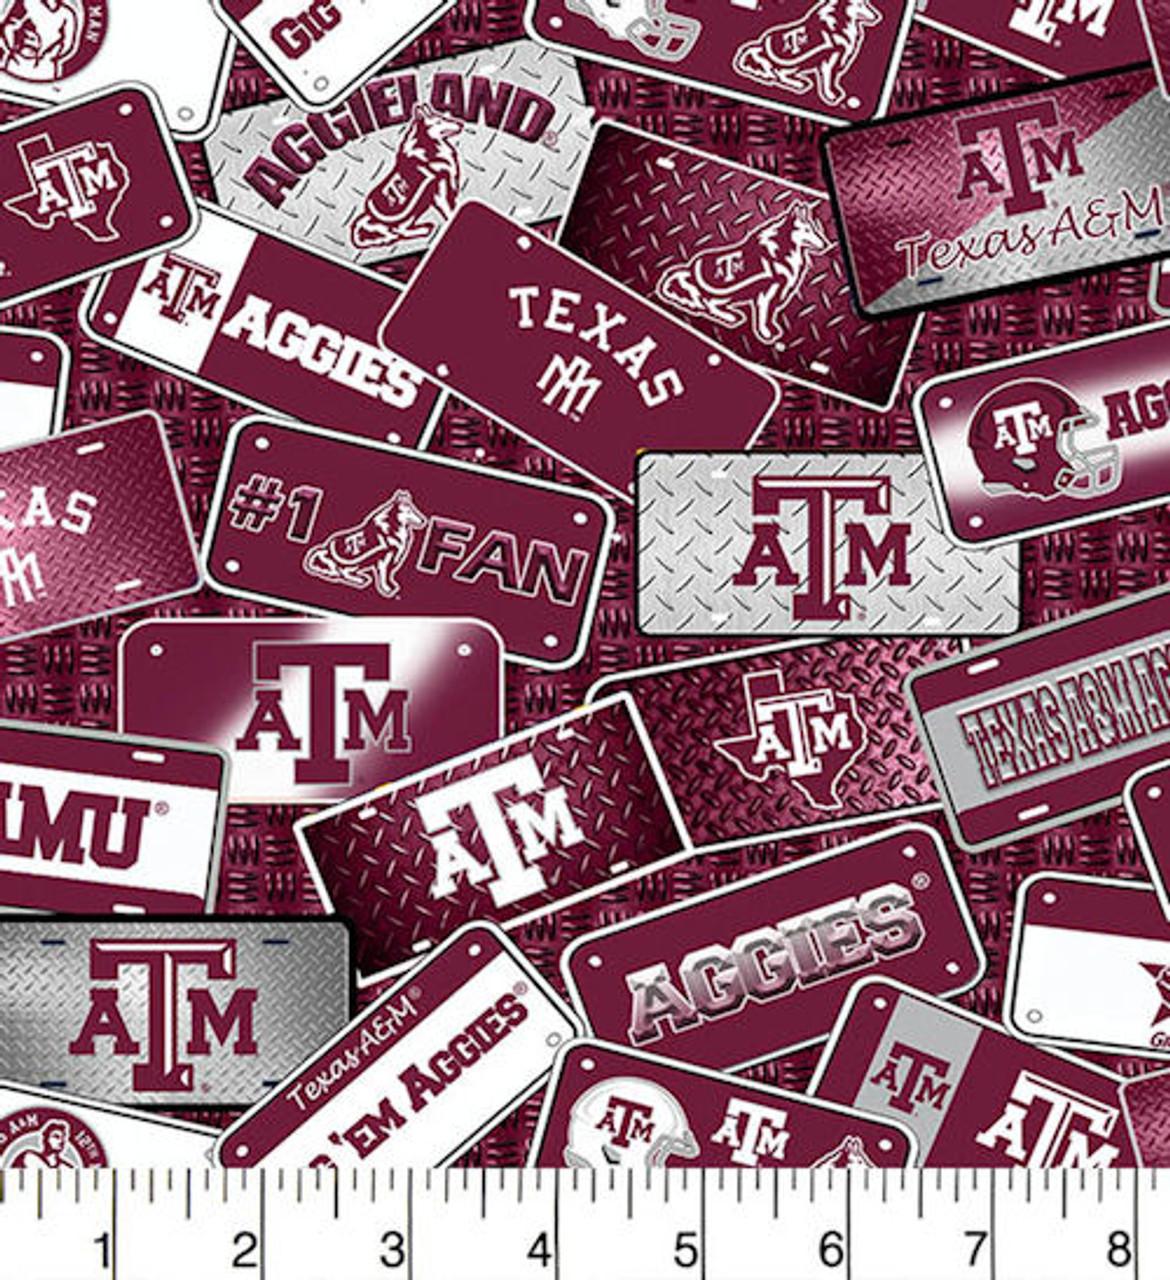 Texas A&M License Plates